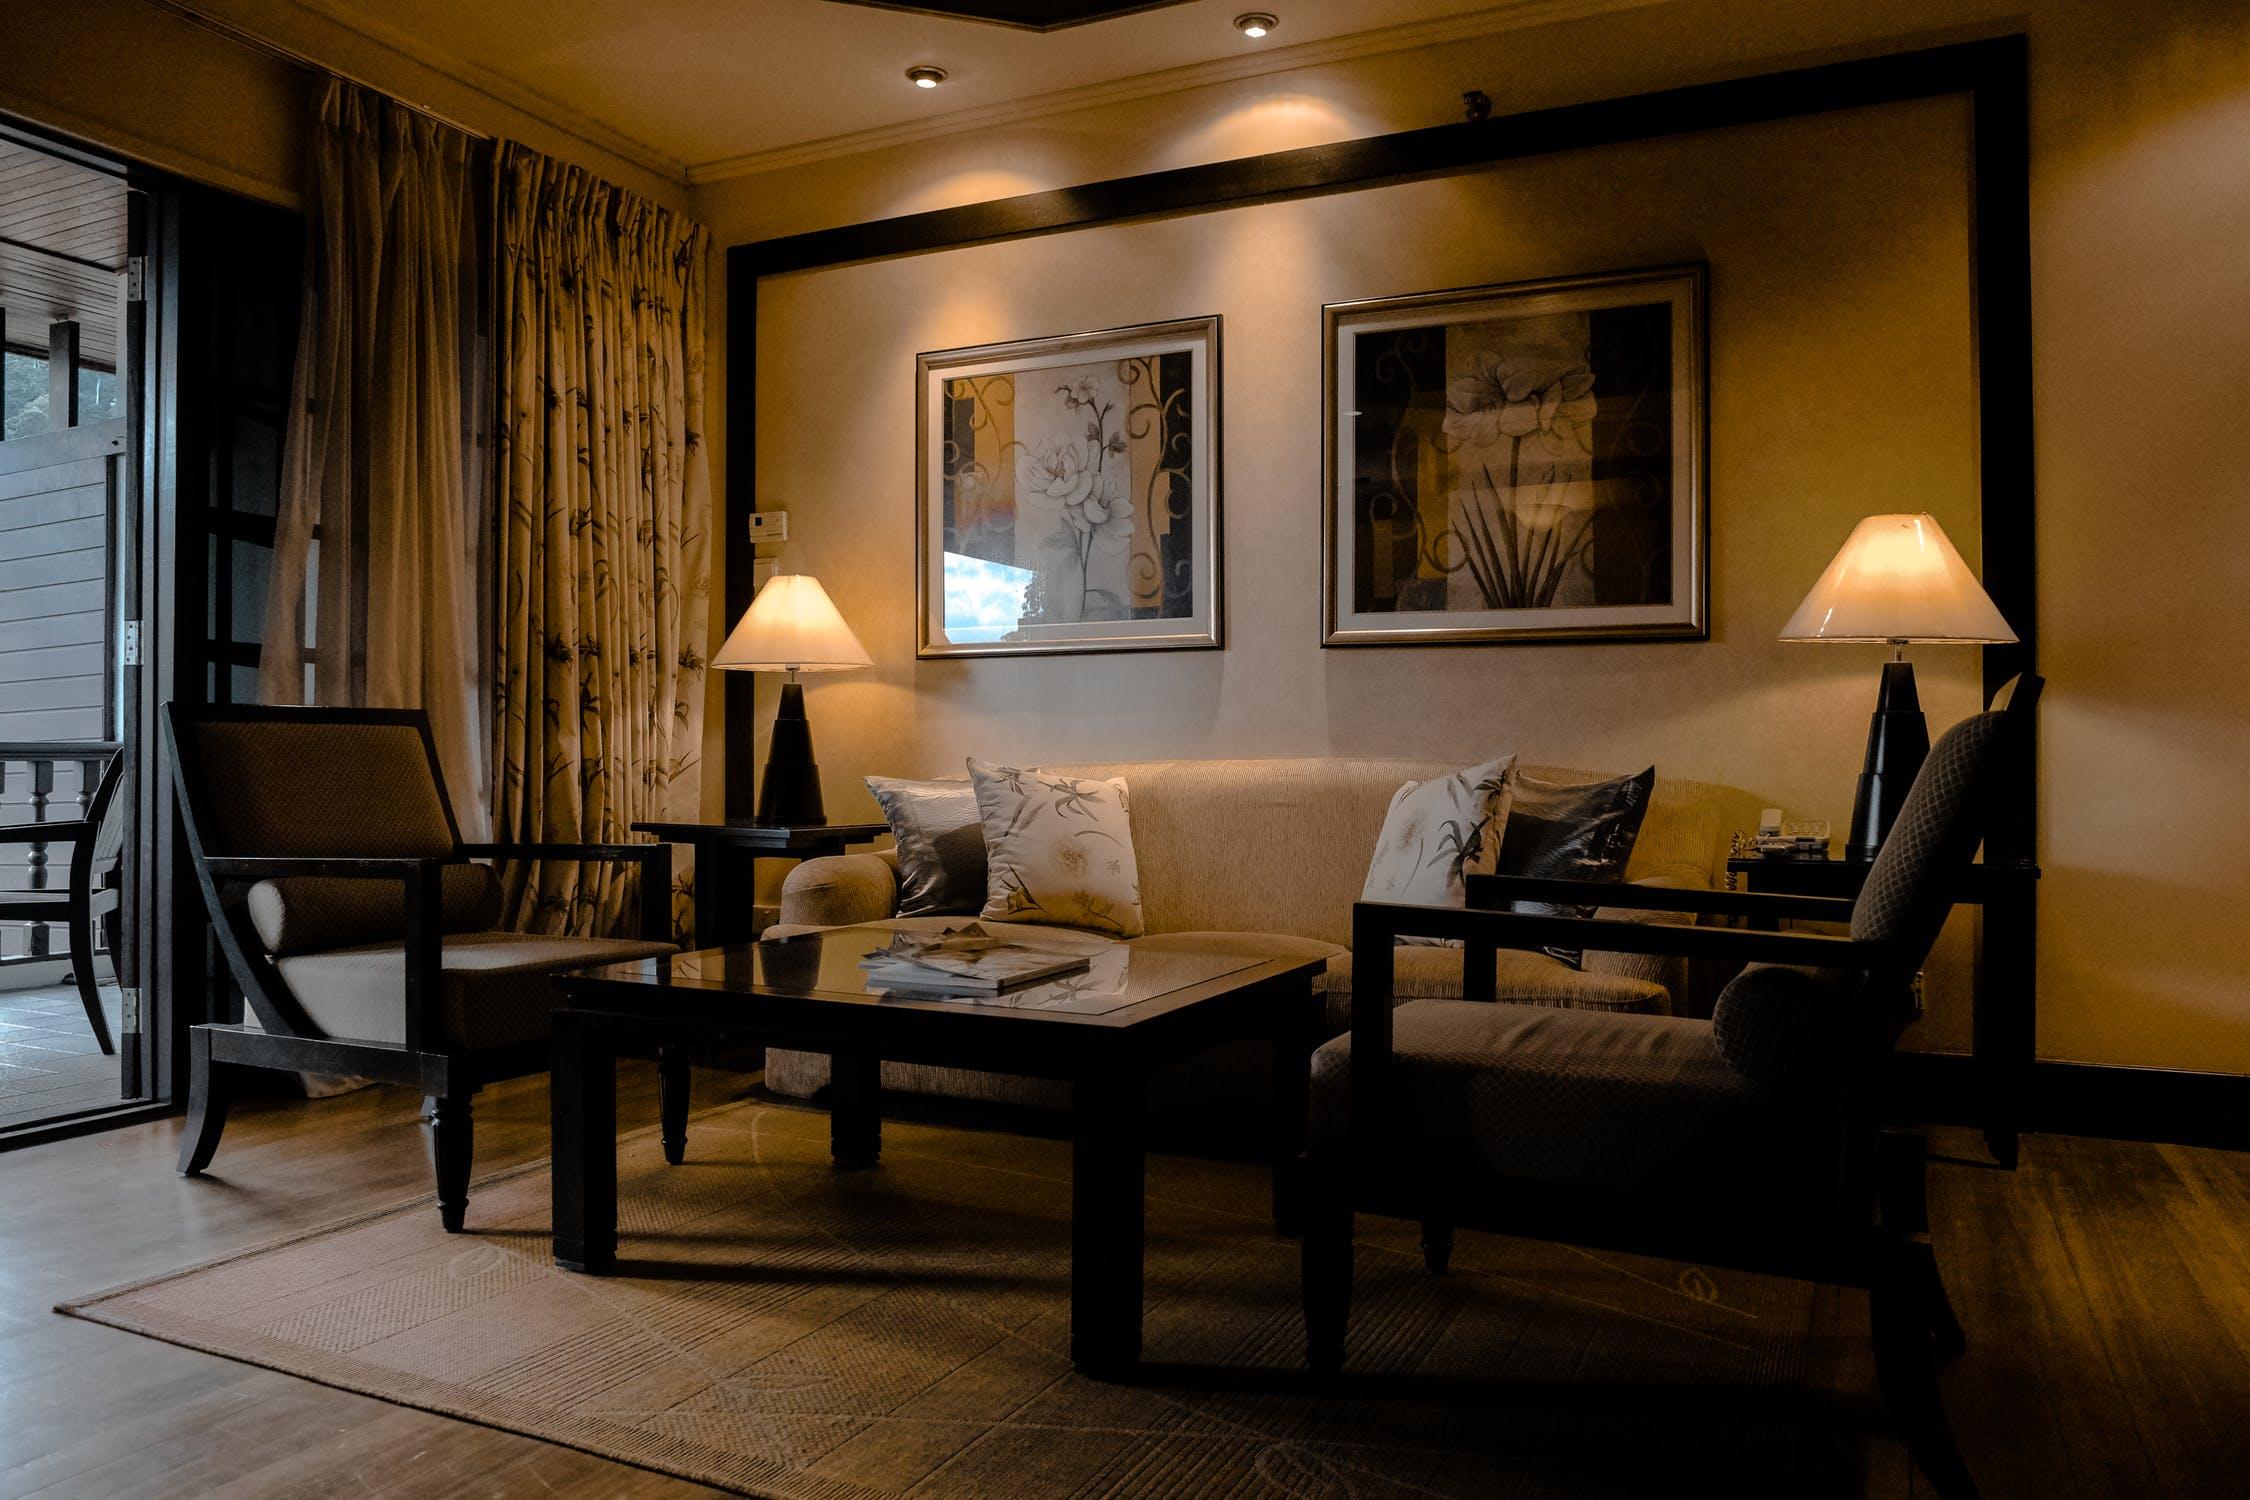 Jakie meble i drzwi wybrać do ciemnej podłogi w salonie.